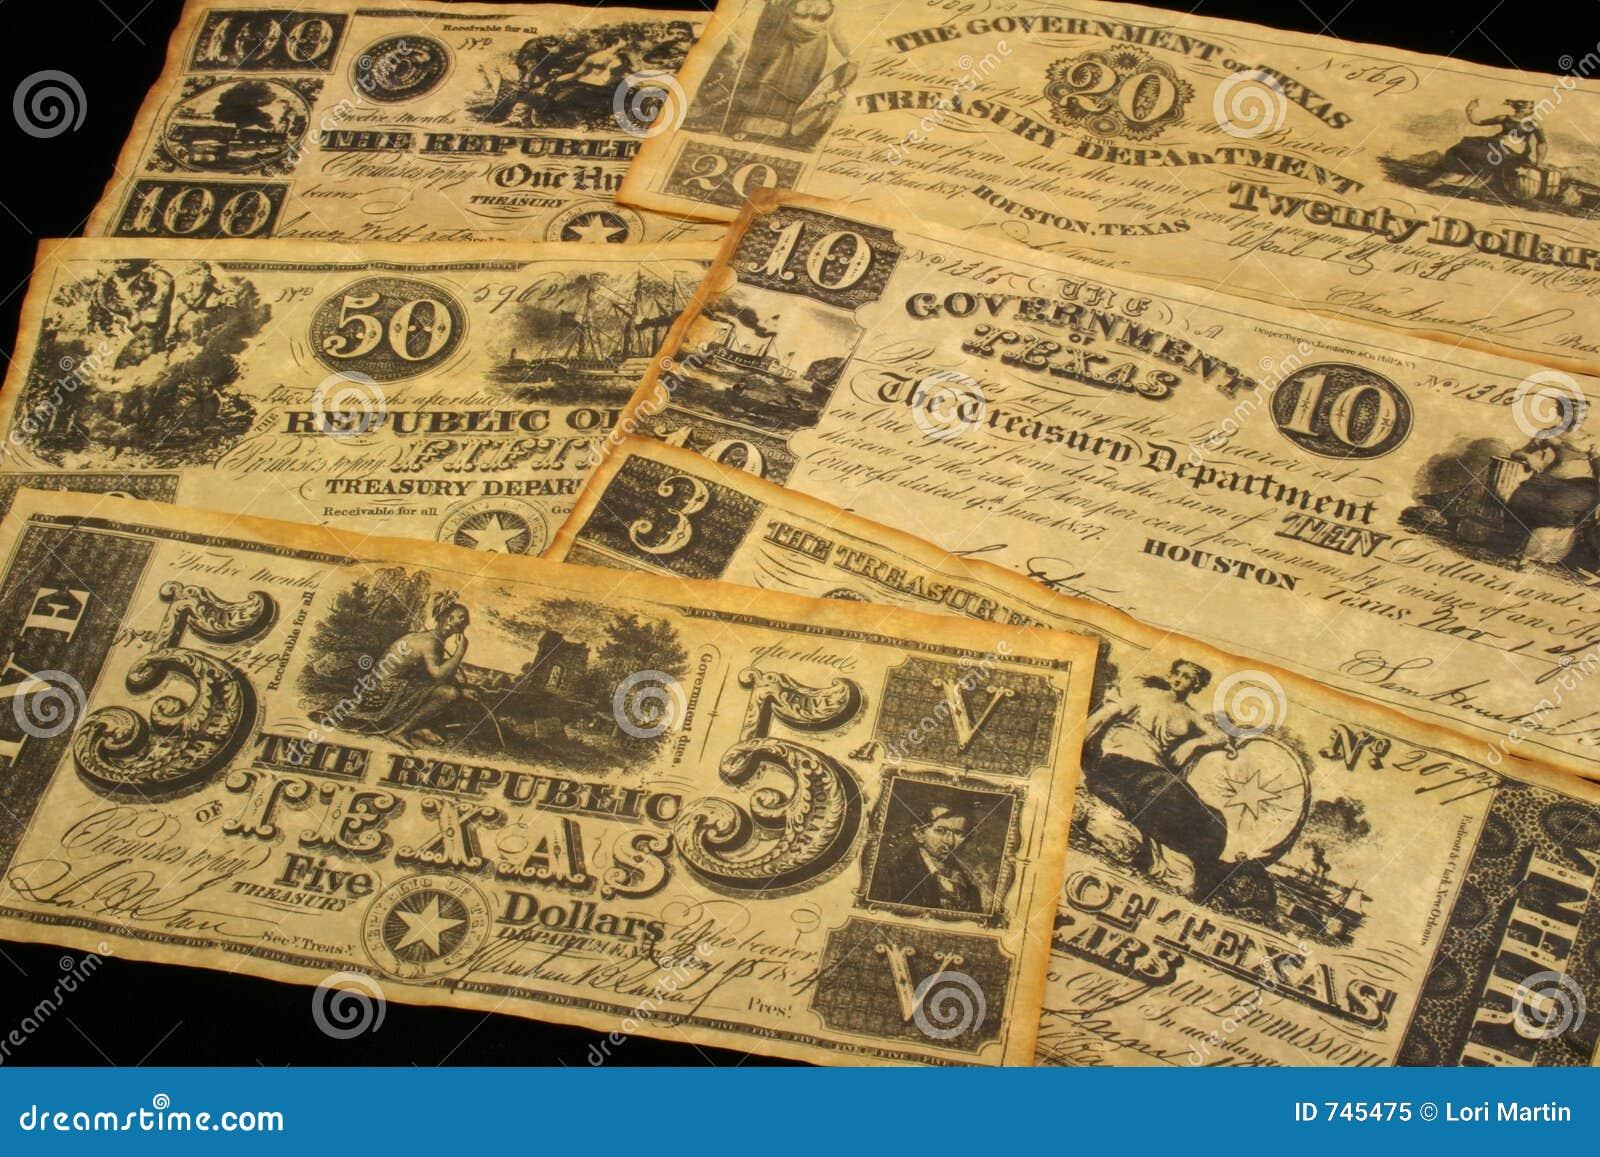 Vintage Currency